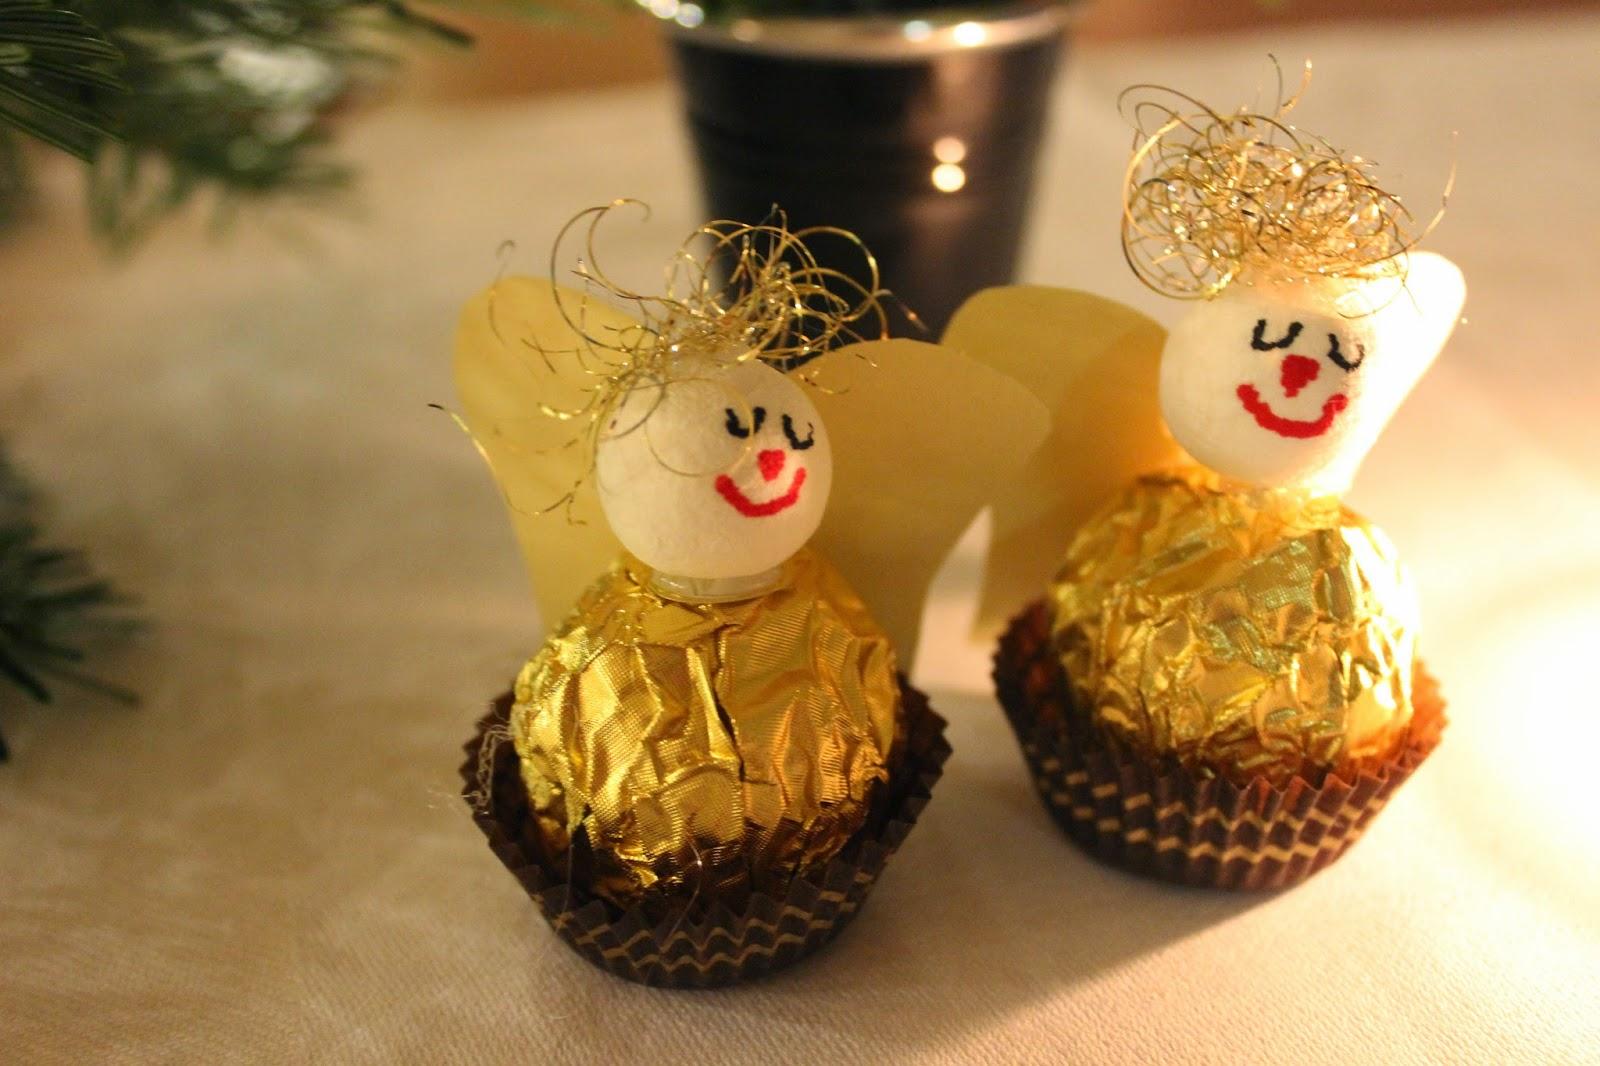 Weihnachtsbasteln Mit Süßigkeiten.Süßigkeiten Basteln Weihnachten Low Carb Süßigkeiten Rezepte Low